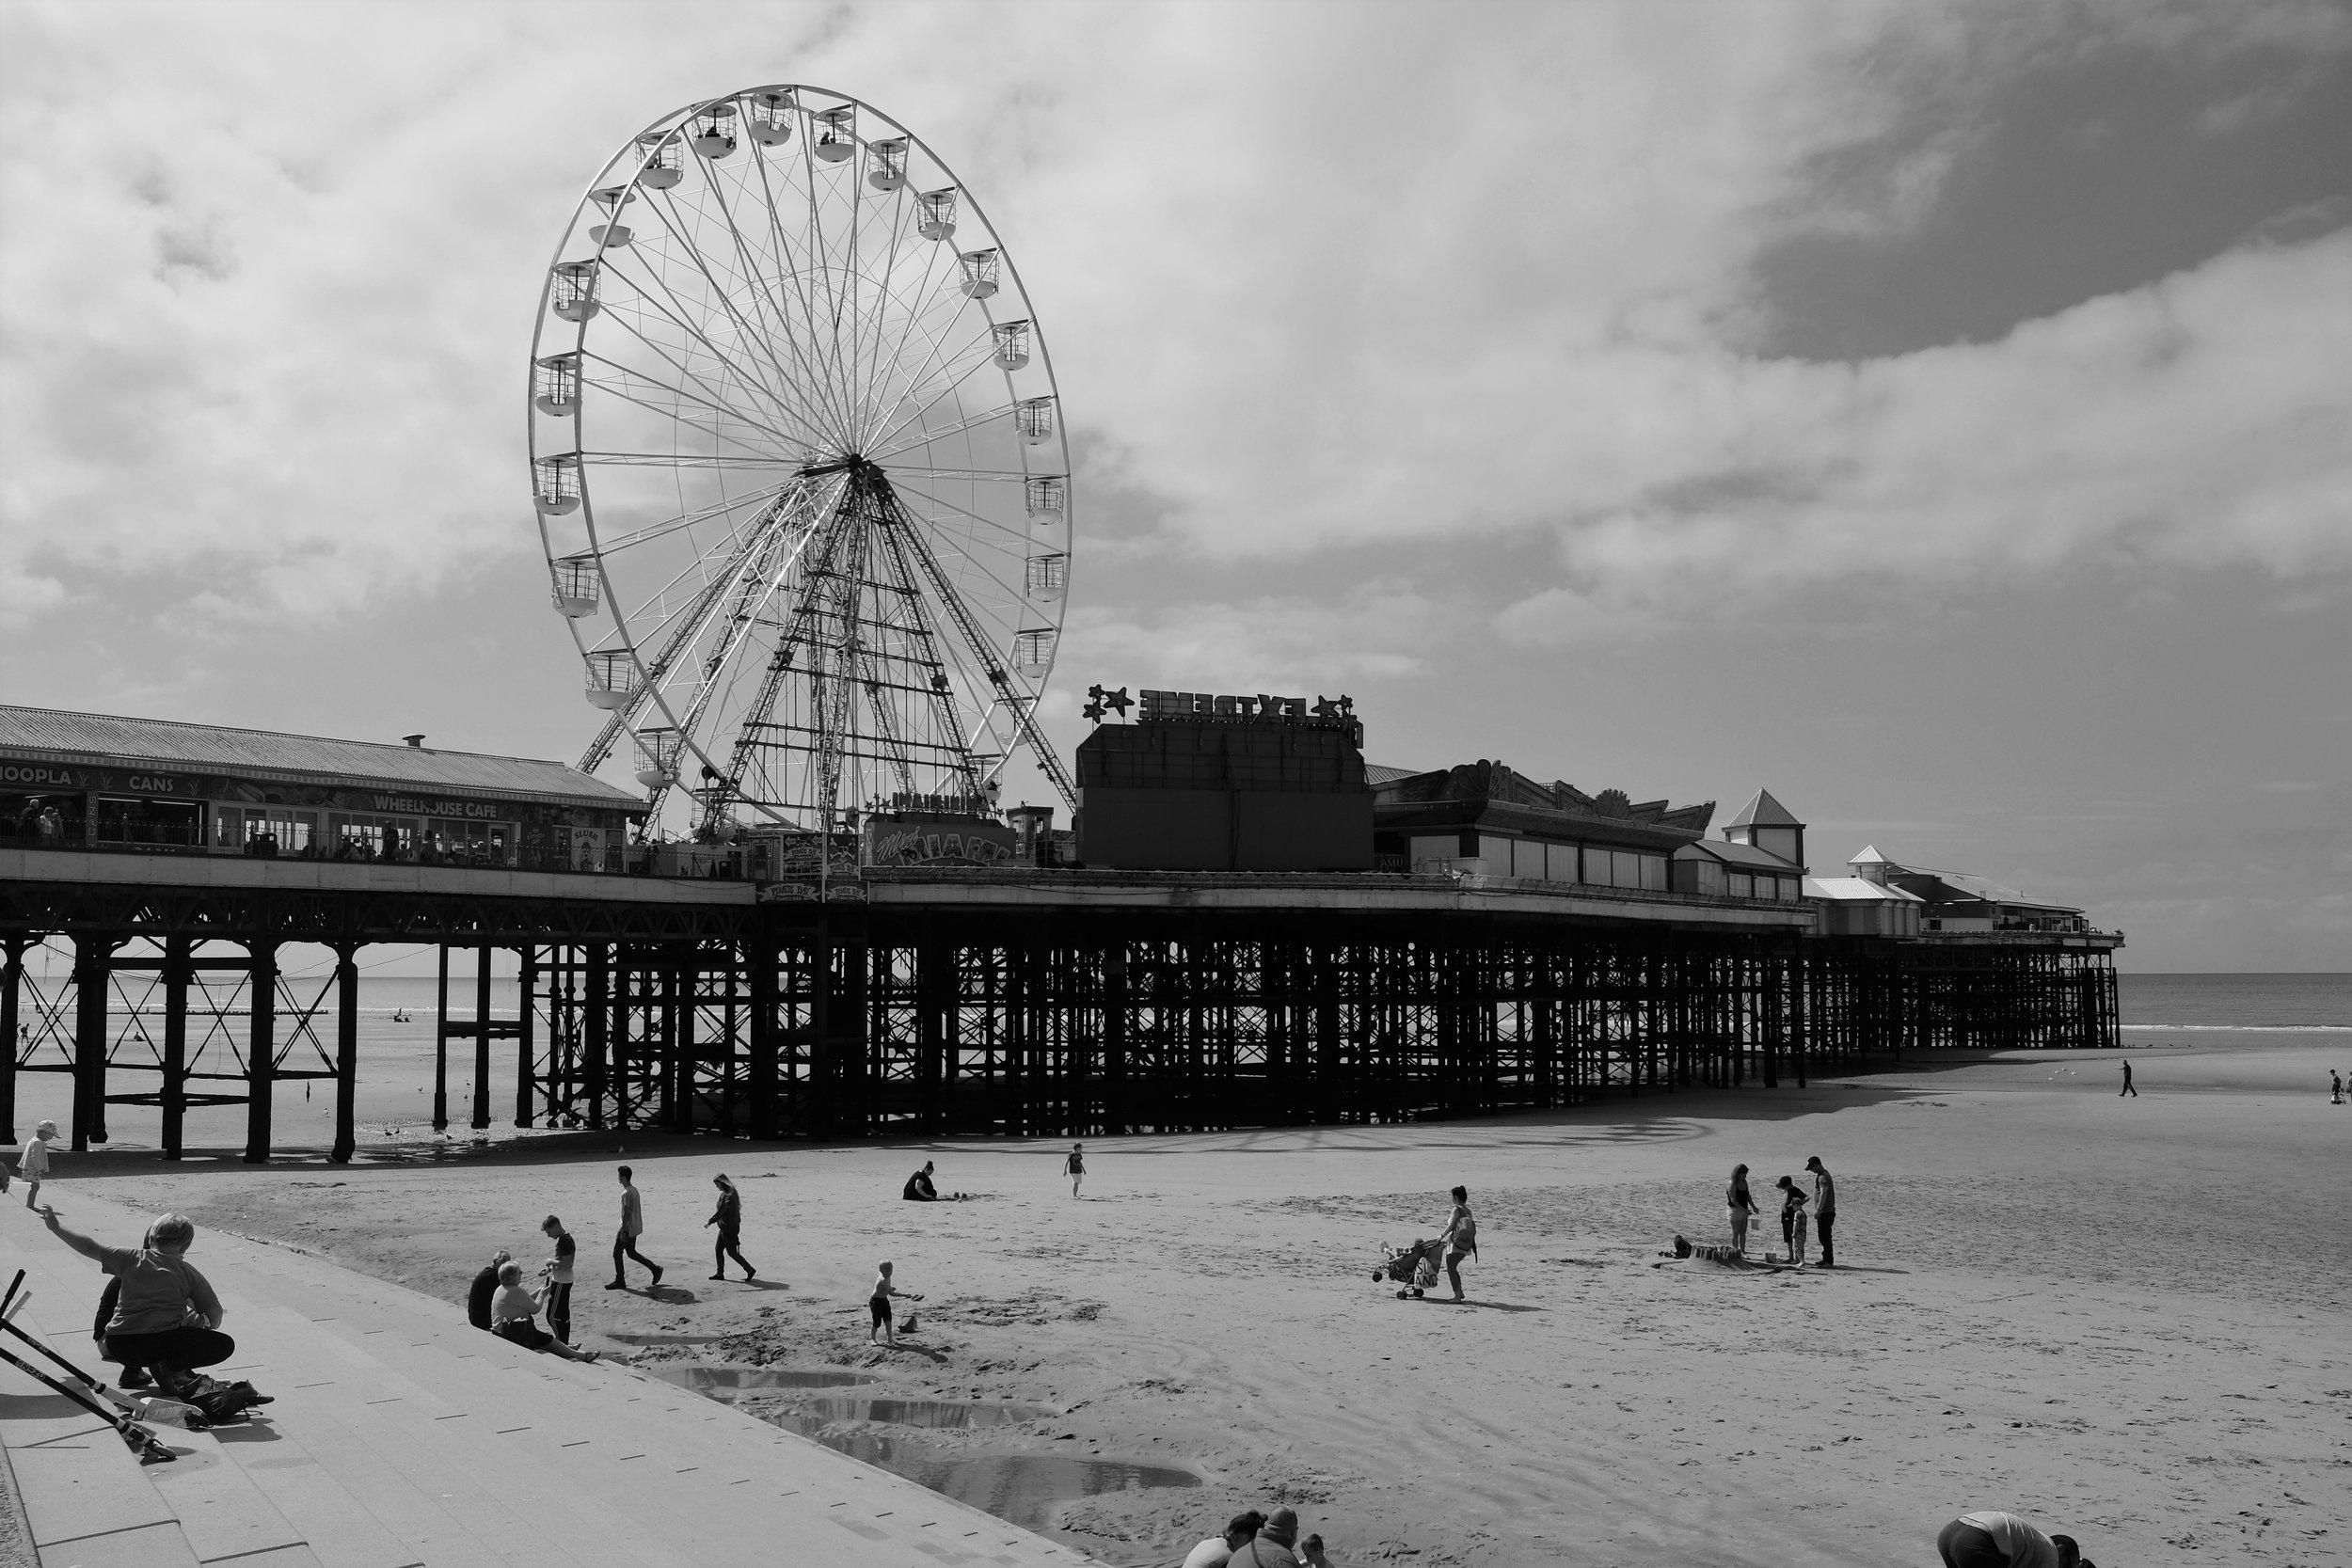 Blackpool, England 2017